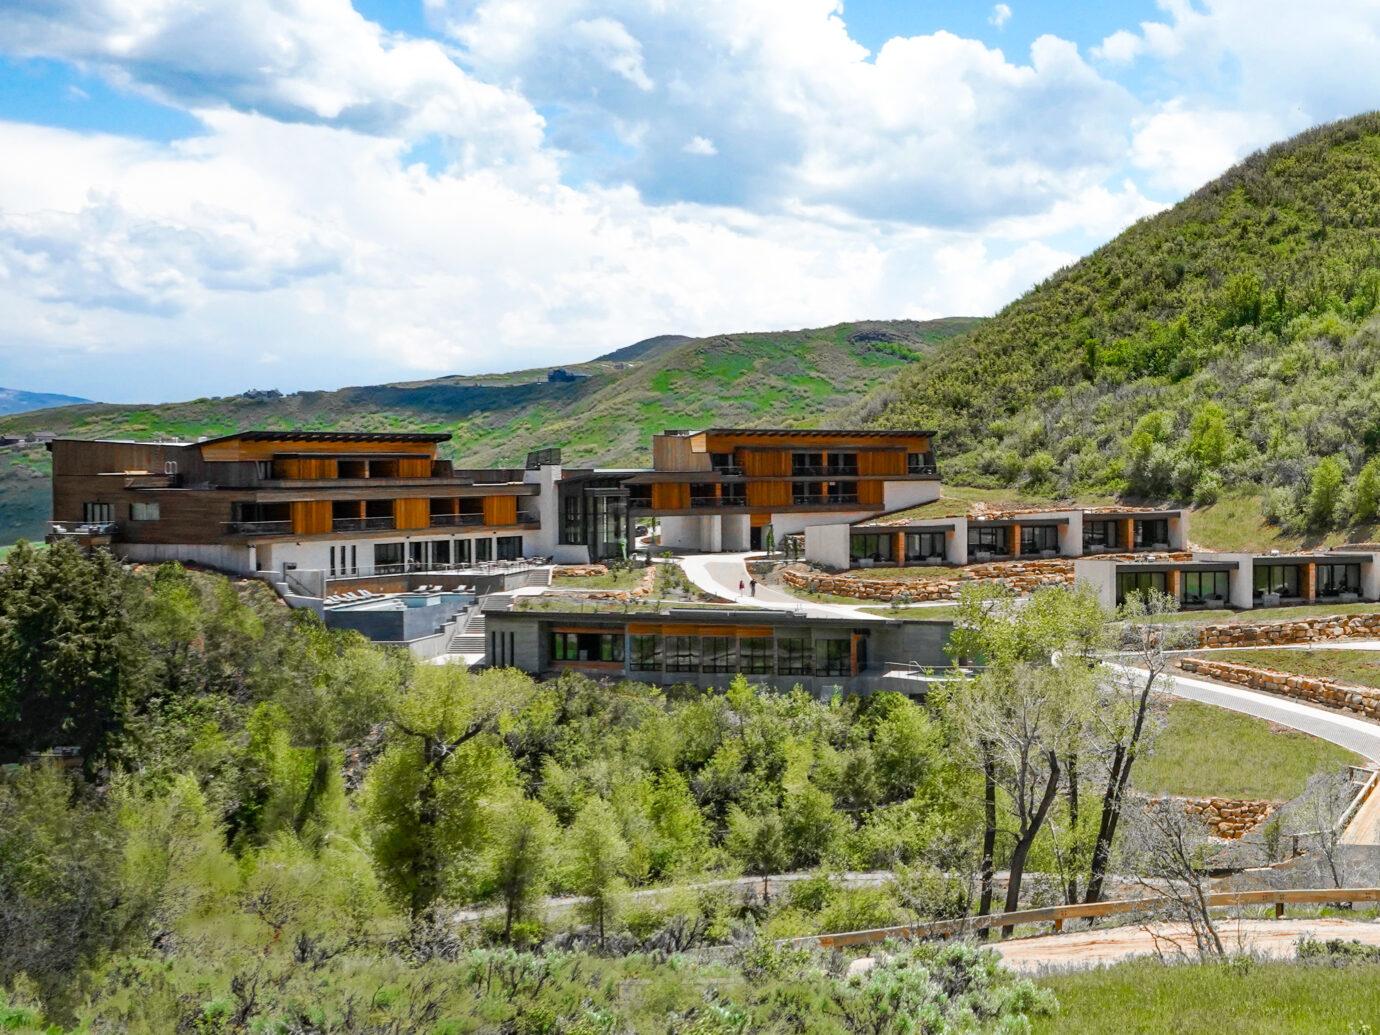 Exterior of Lodge at Blue Sky, Utah